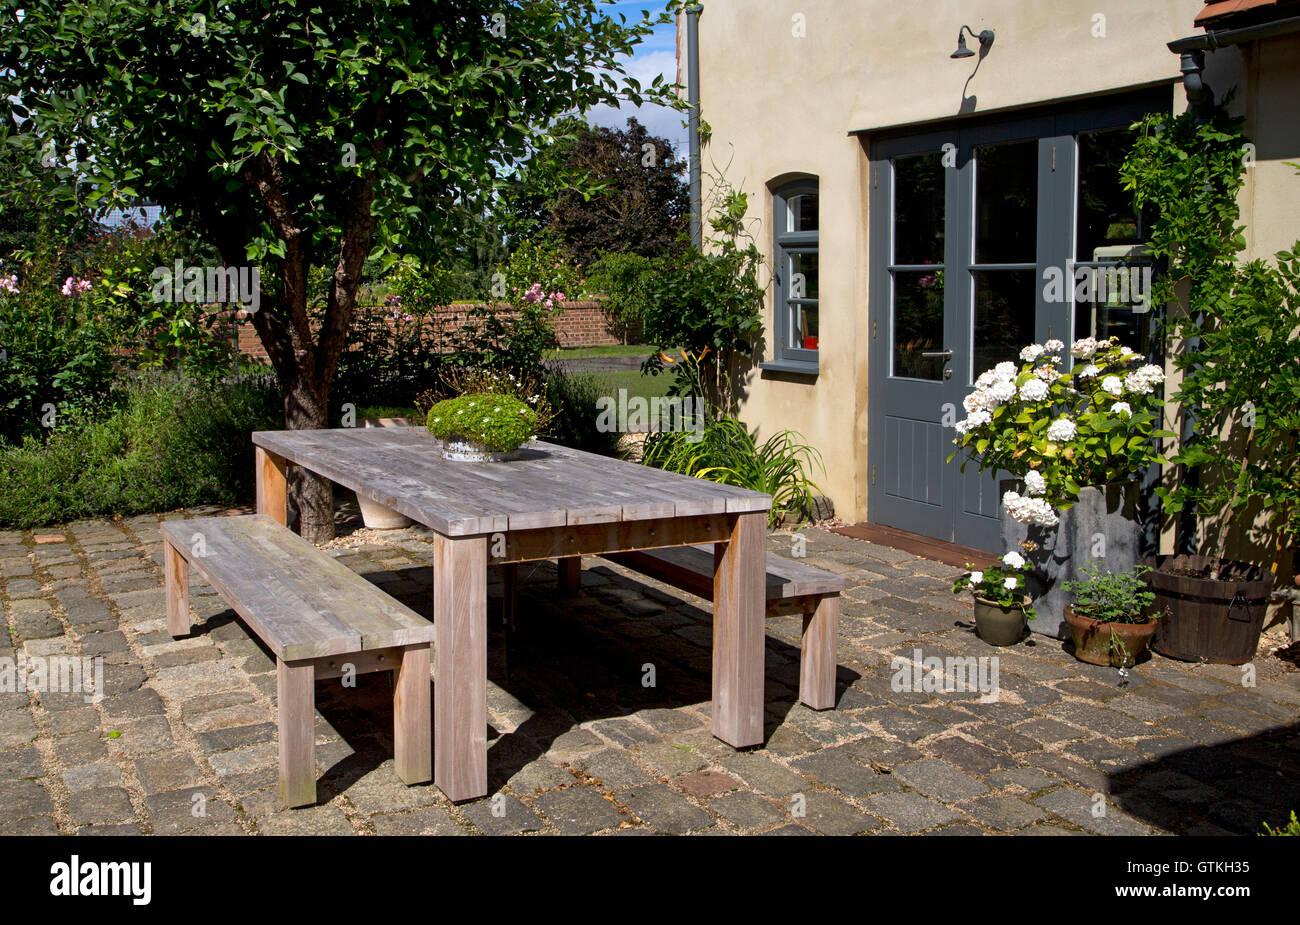 Il giardino esterno in legno da pranzo tavolo e panche giardino